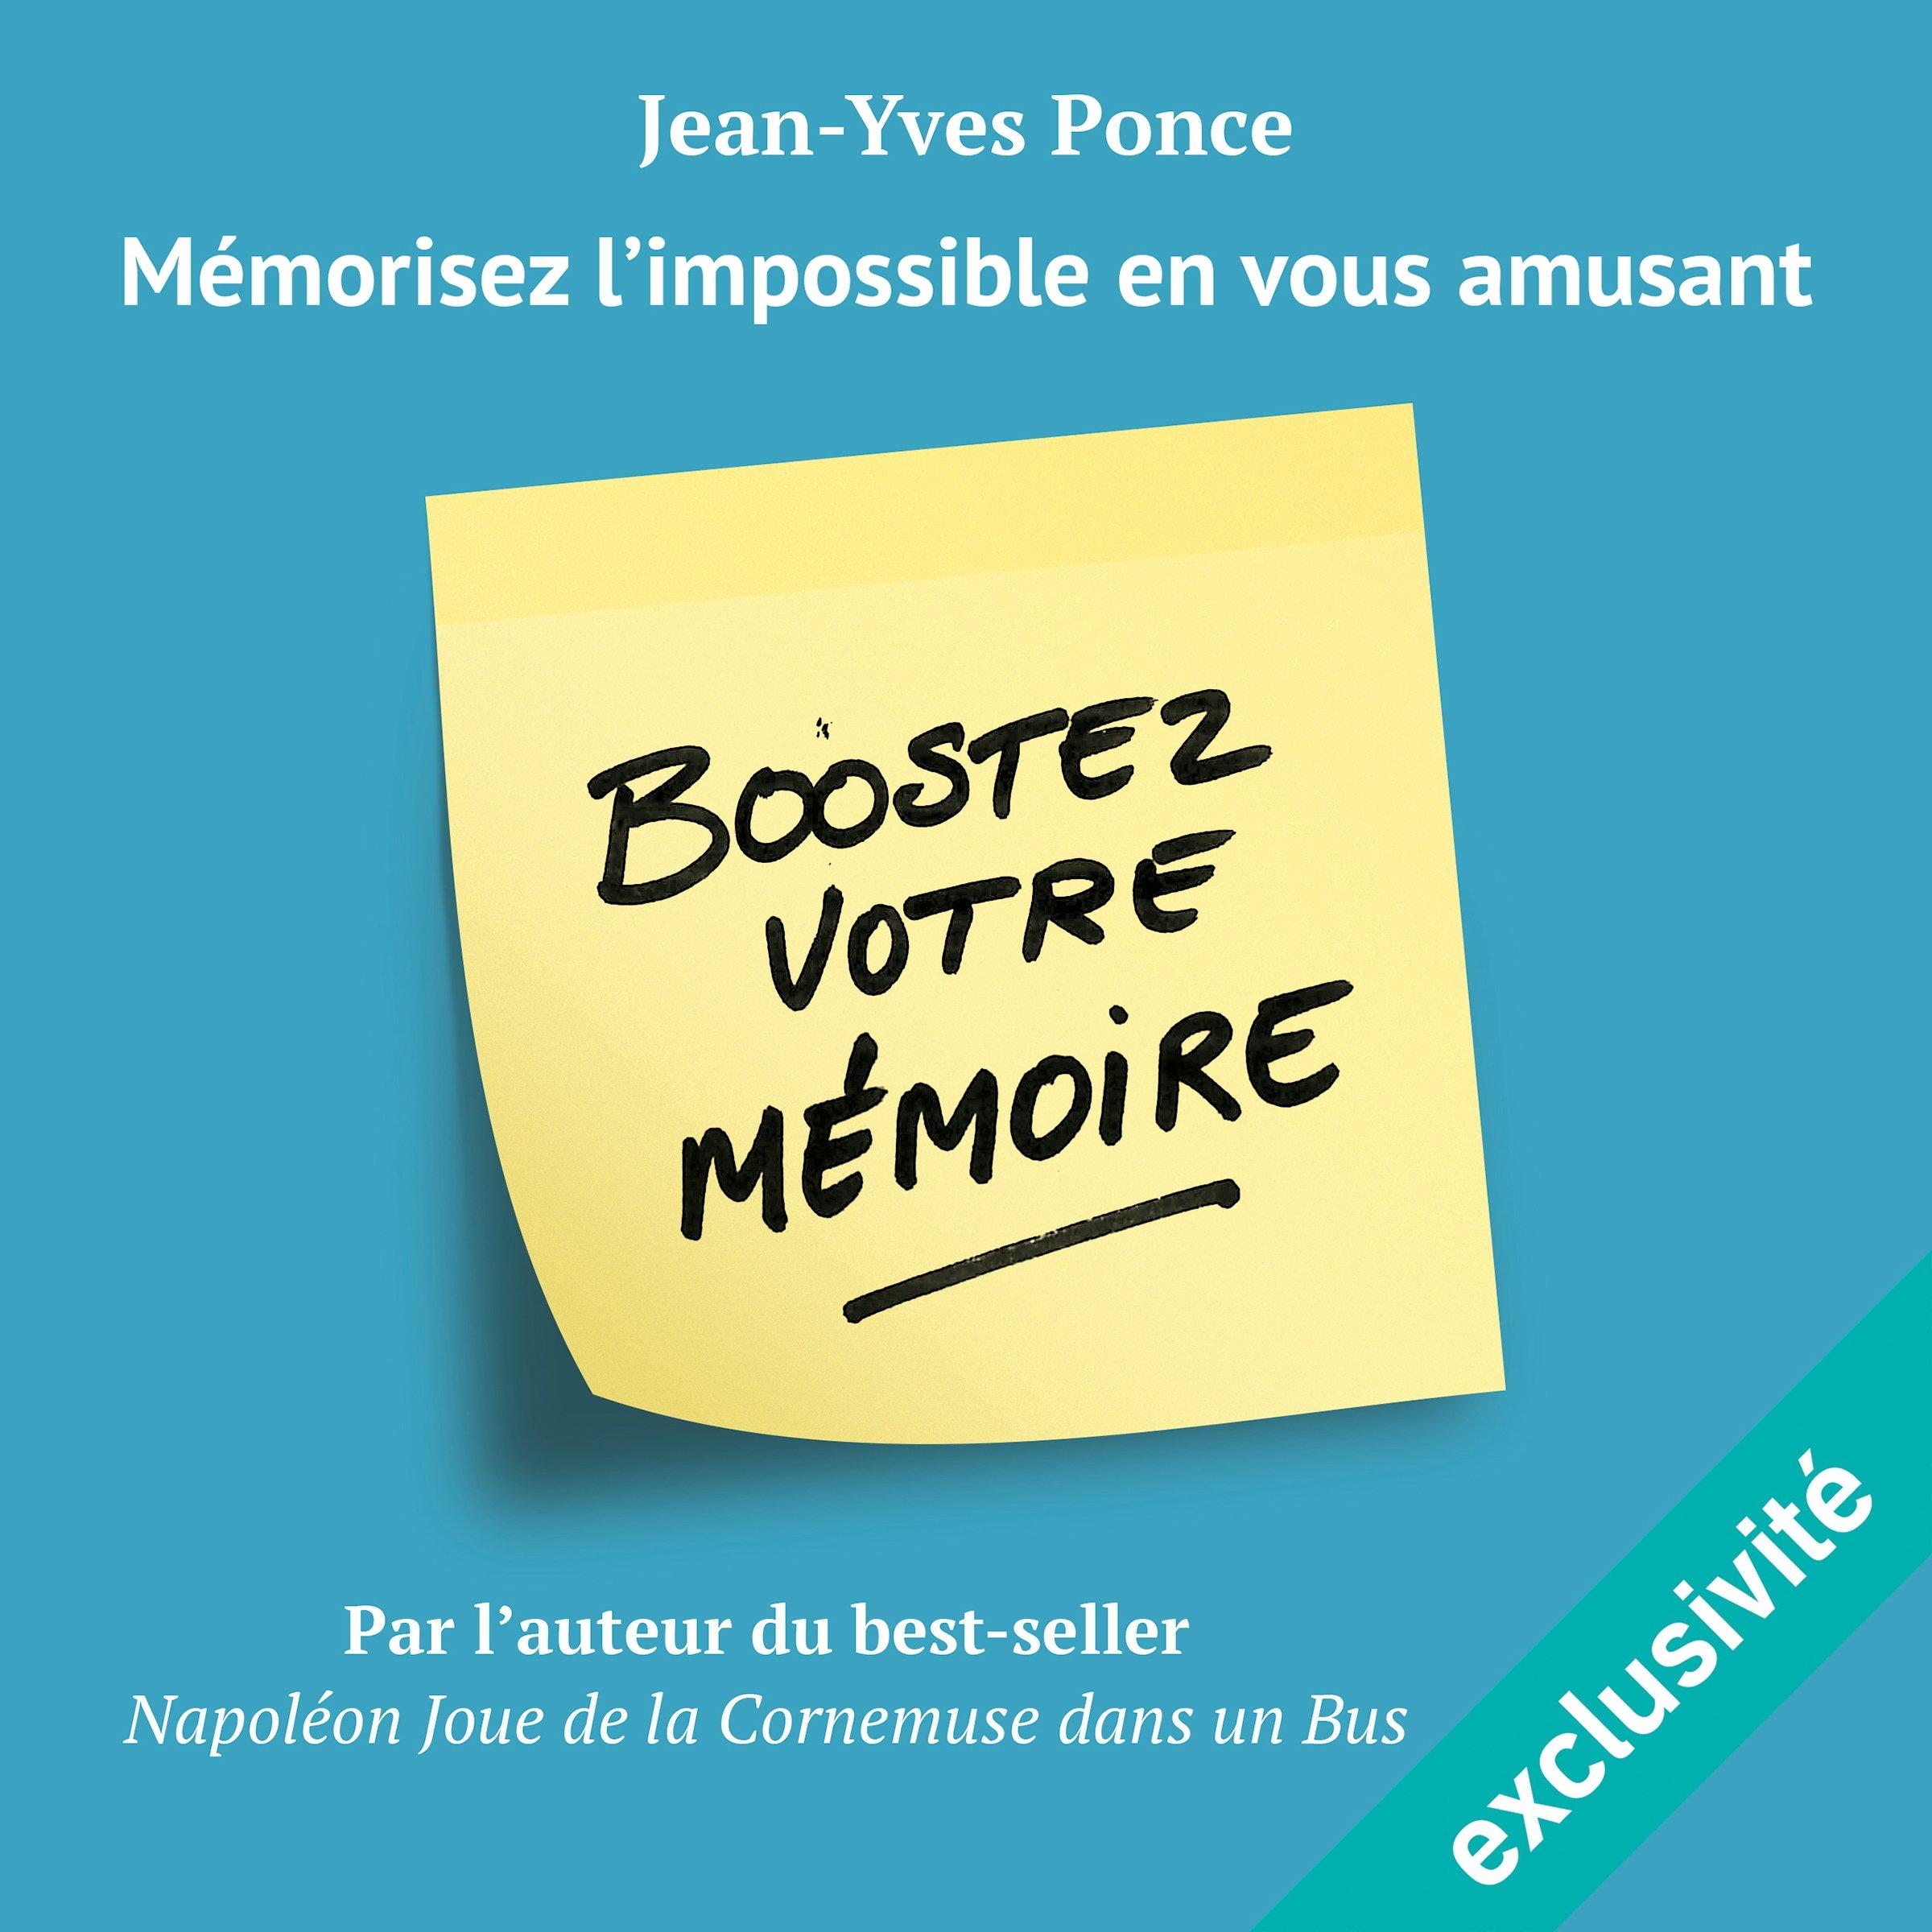 Boostez votre mémoire: Mémorisez l'impossible en vous amusant, de Jean-Yves Ponce